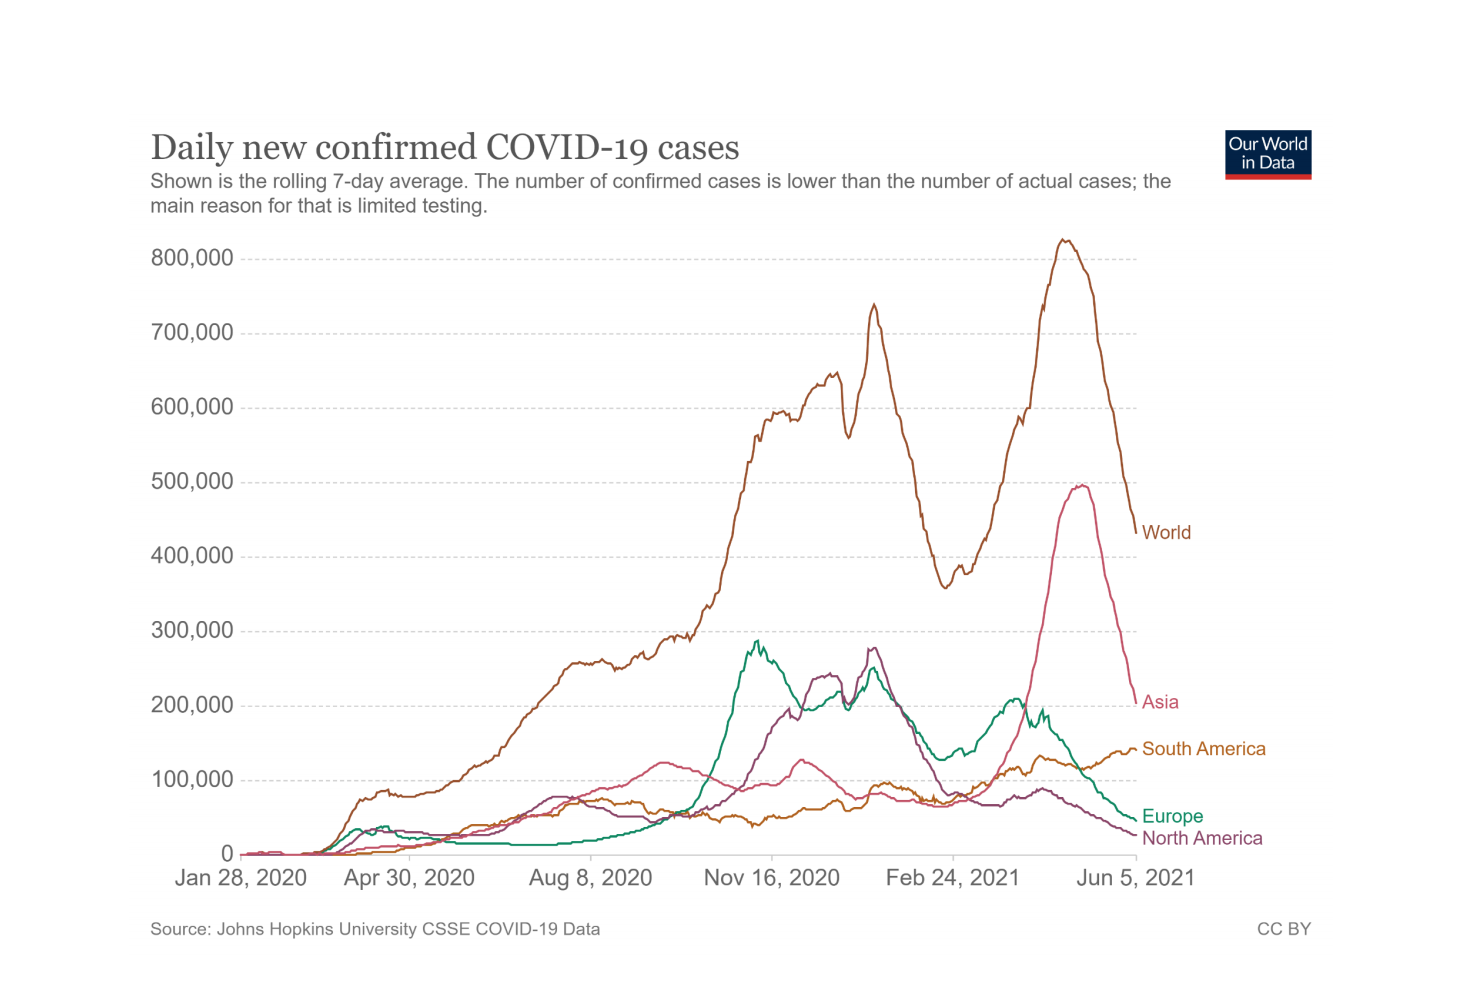 Biểu đồ tiêm vaccine ở Anh, Mỹ, Đức, Pháp.